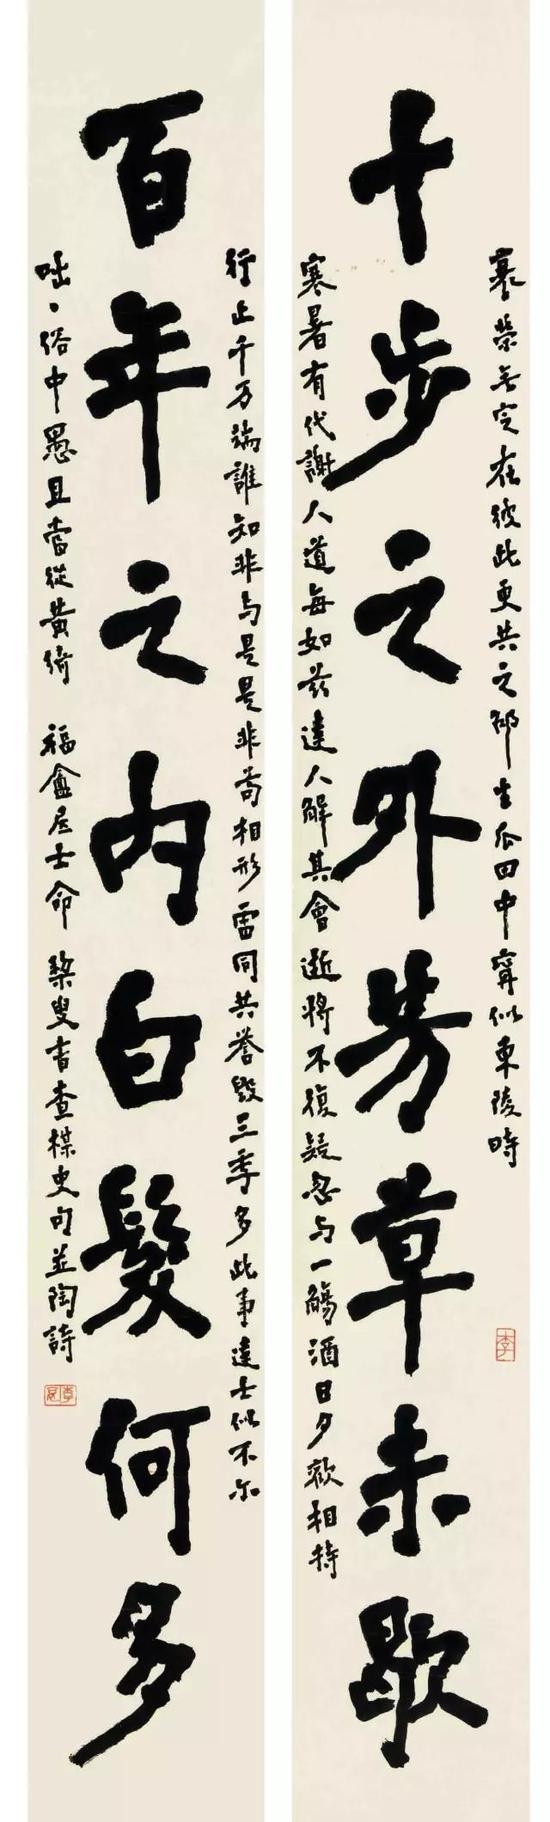 楷书《十步·百年》八言联(私人藏)